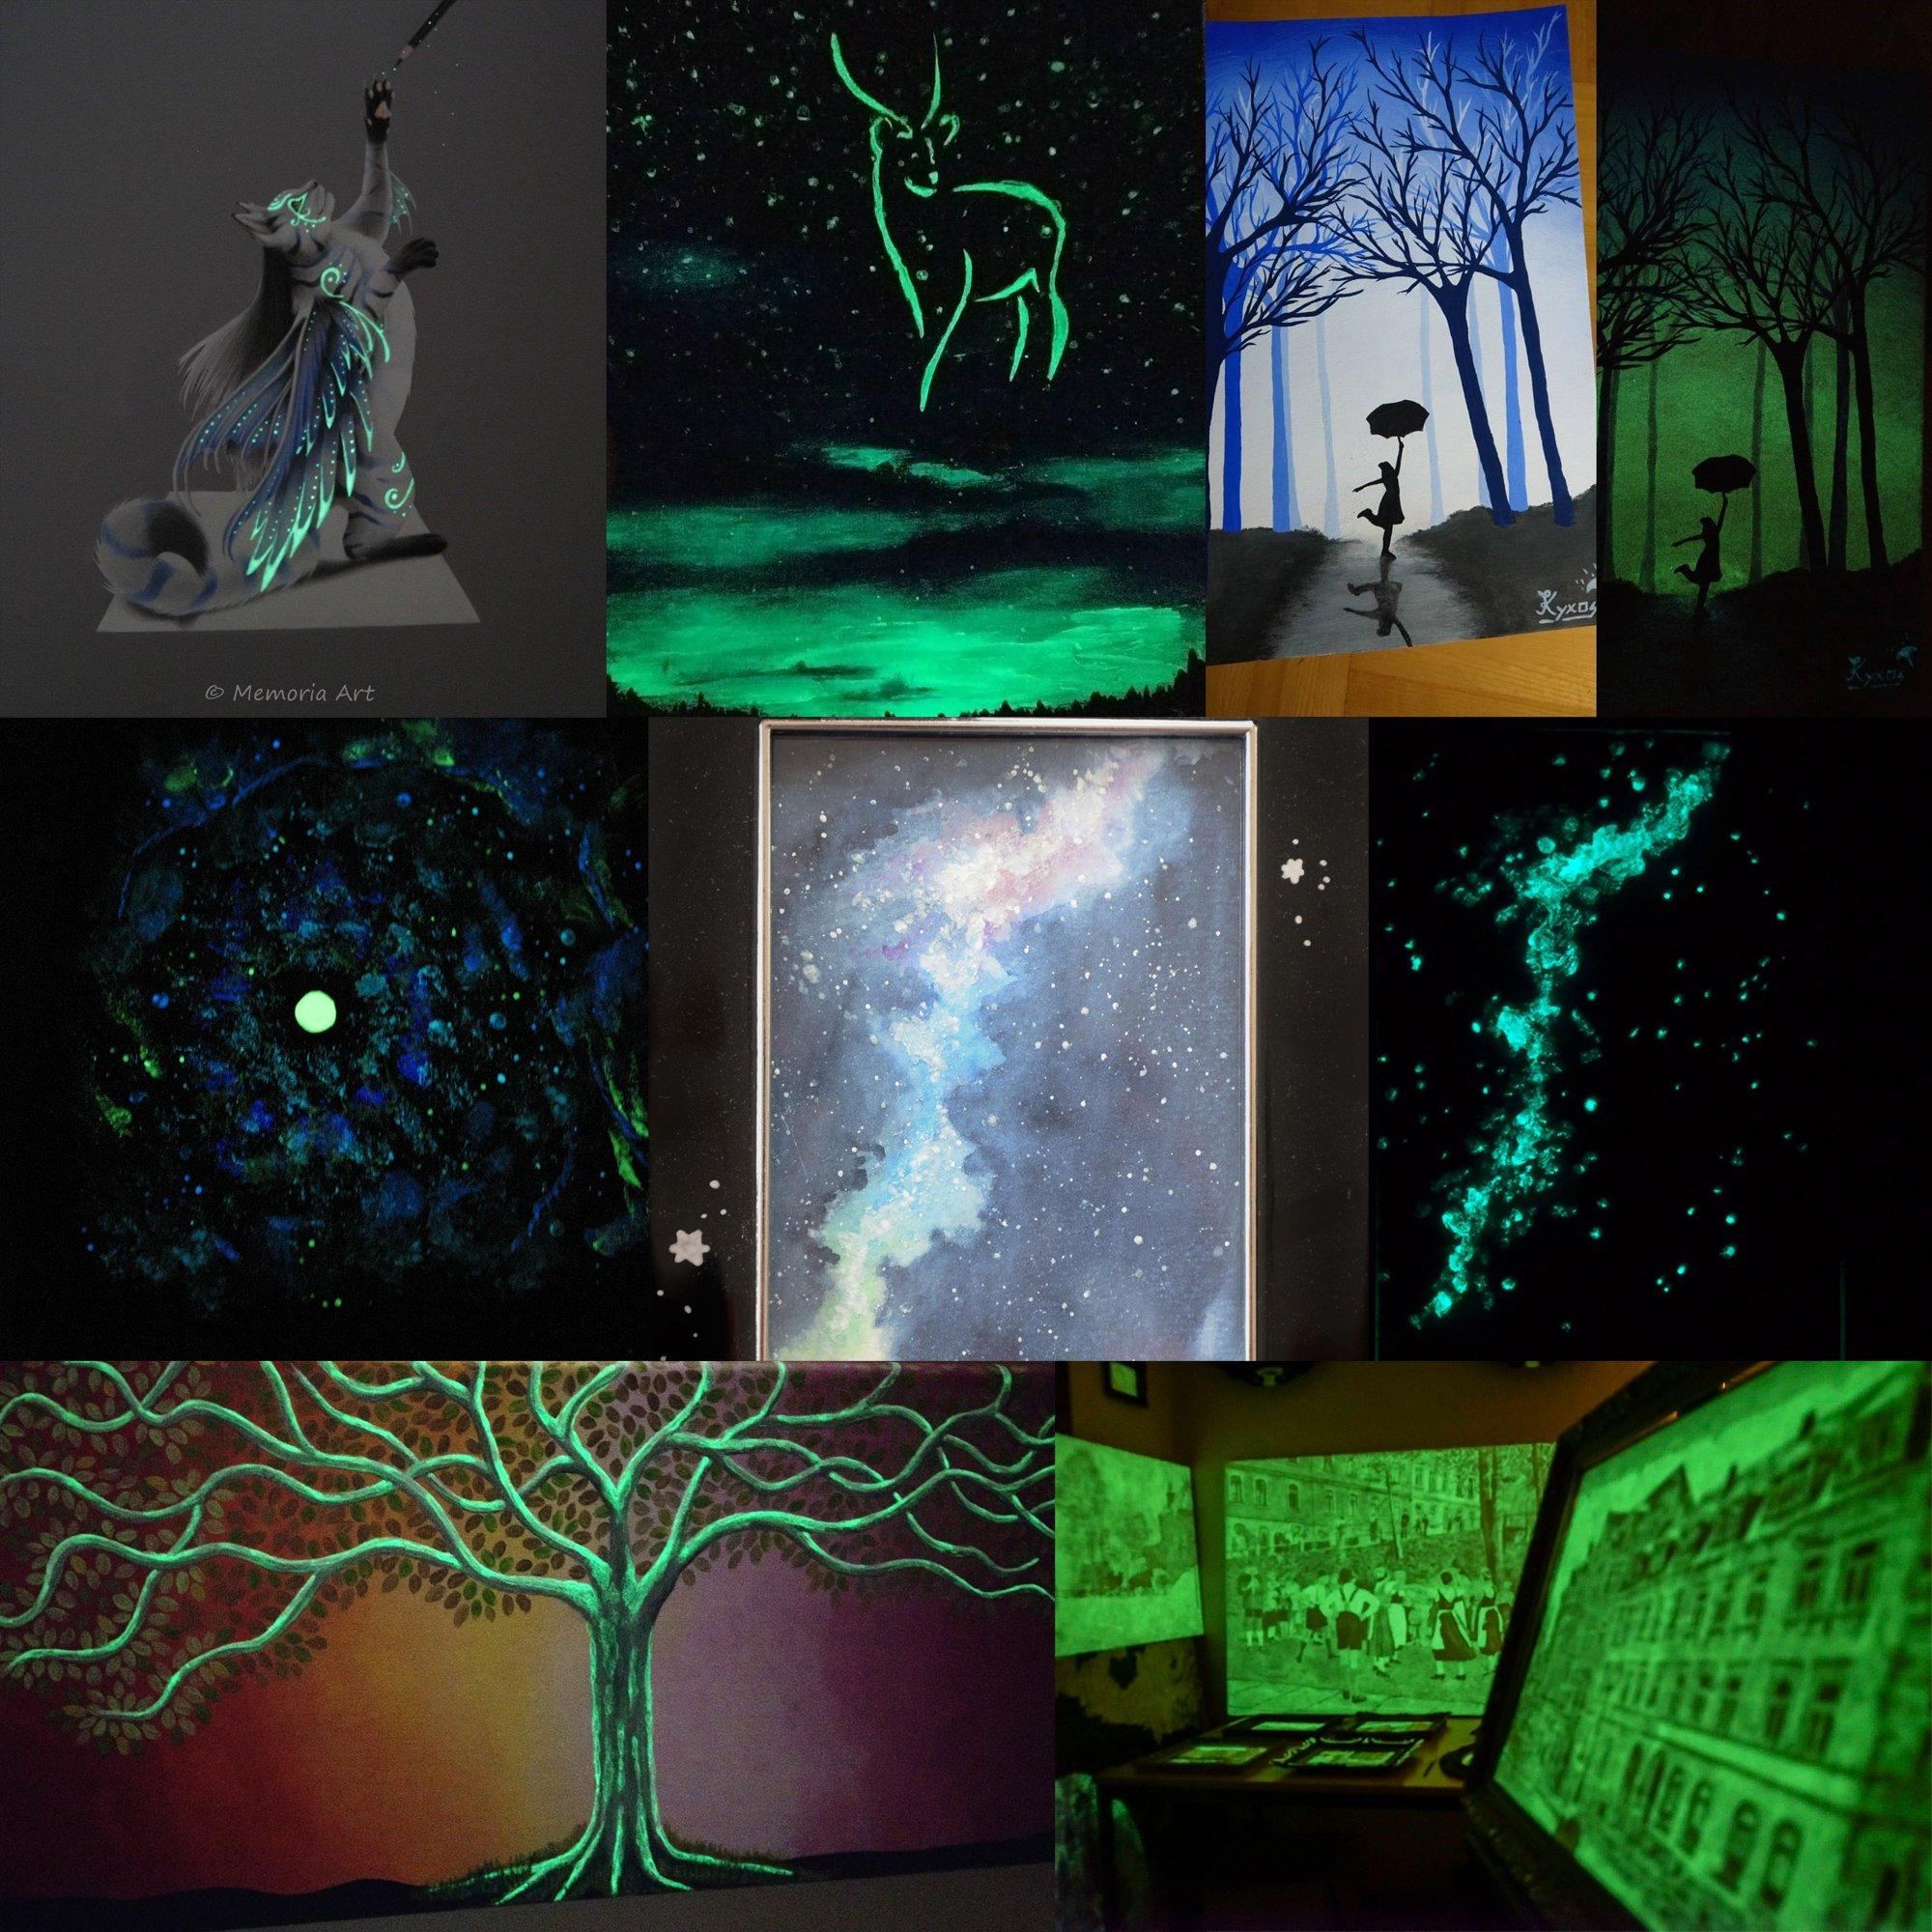 lumentics Premium Leuchtfarbe GrünBlau 100g - Im Dunkeln leuchtende Farbe, Helle Nachleuchtfarbe, Selbstleuchtende…